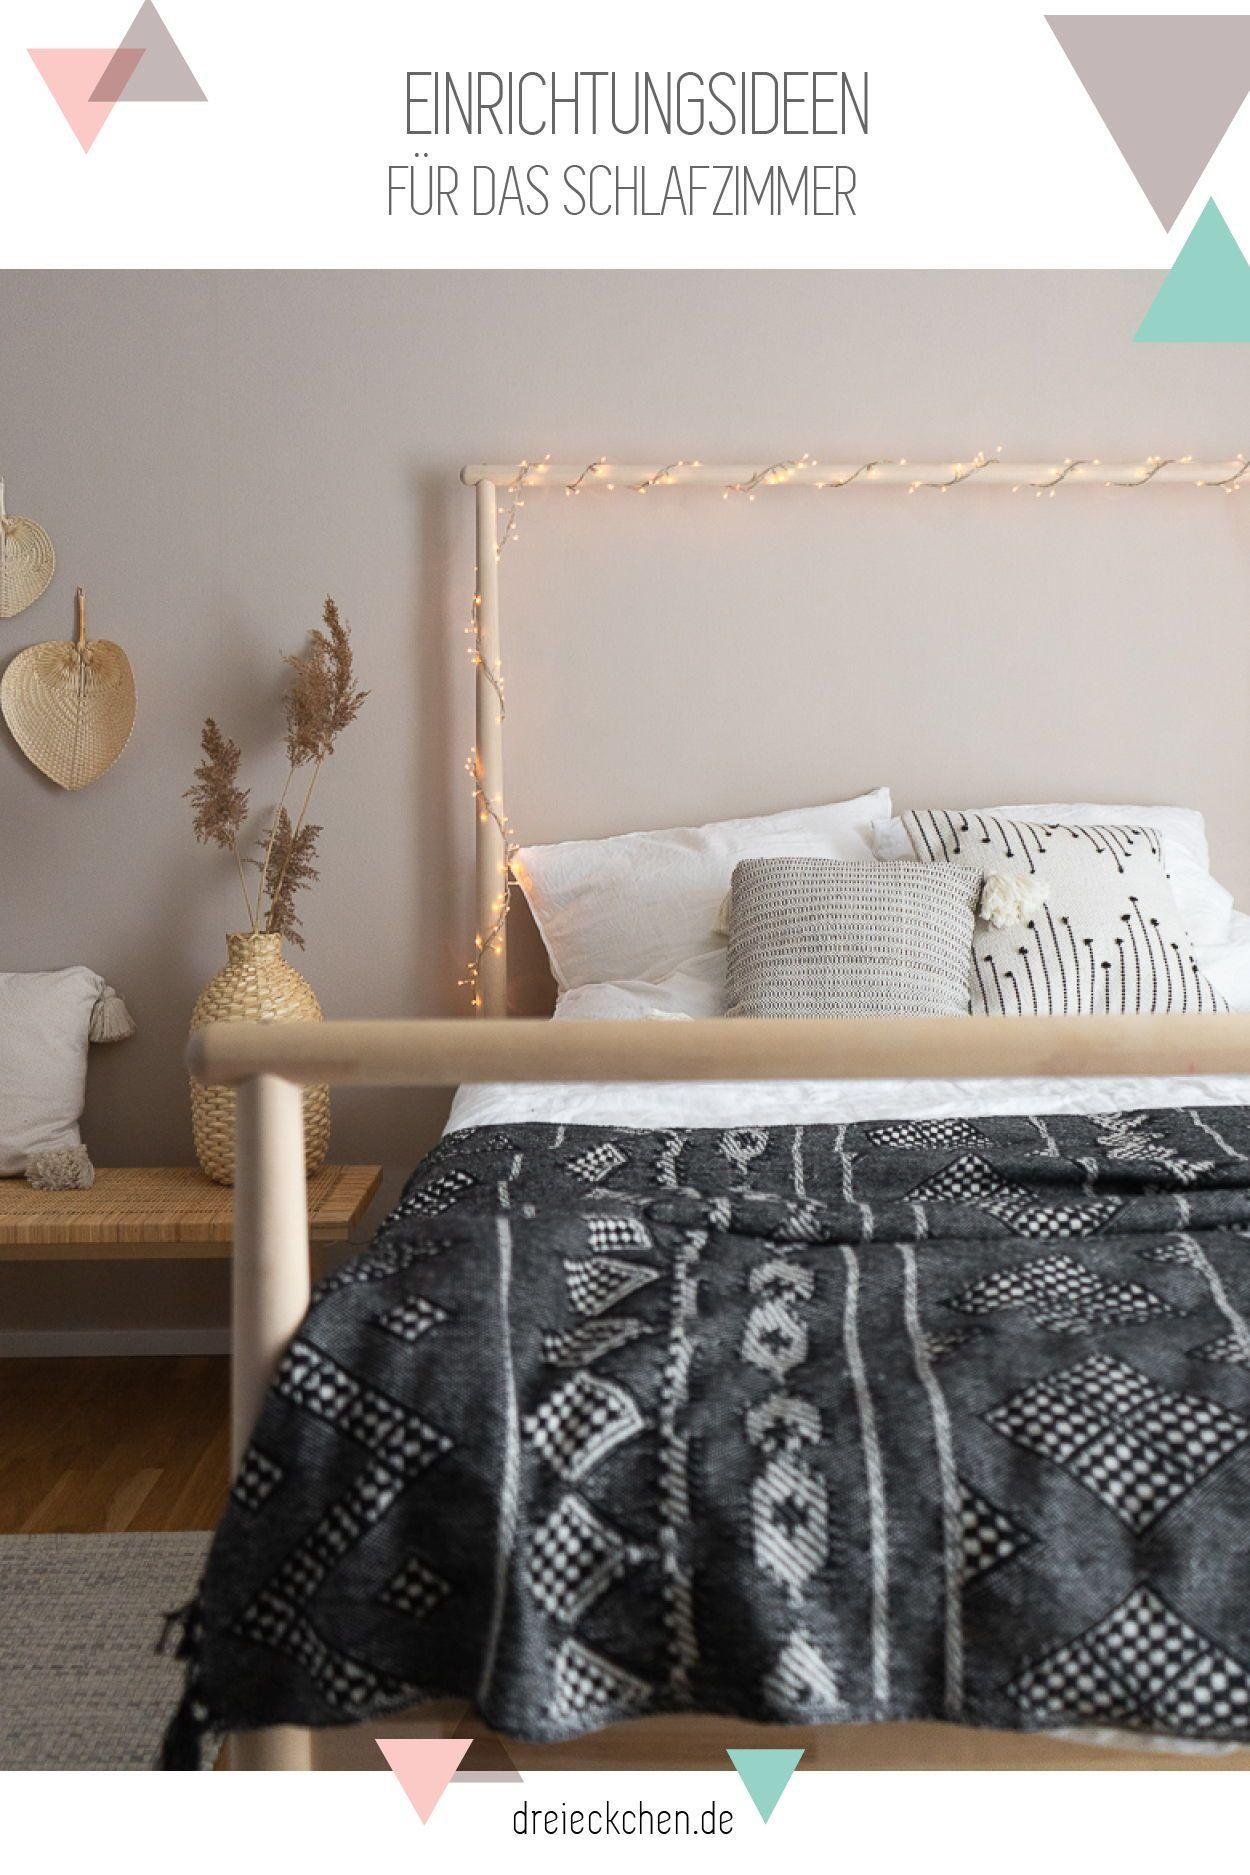 Einrichtungsideen Fur Das Schlafzimmer Das Schonste Bild Fur Einrichtungsideen Flur Das Zu Ihrem Vergnugen Passt In 2020 Zimmer Schoner Wohnen Farbe Wandfarbe